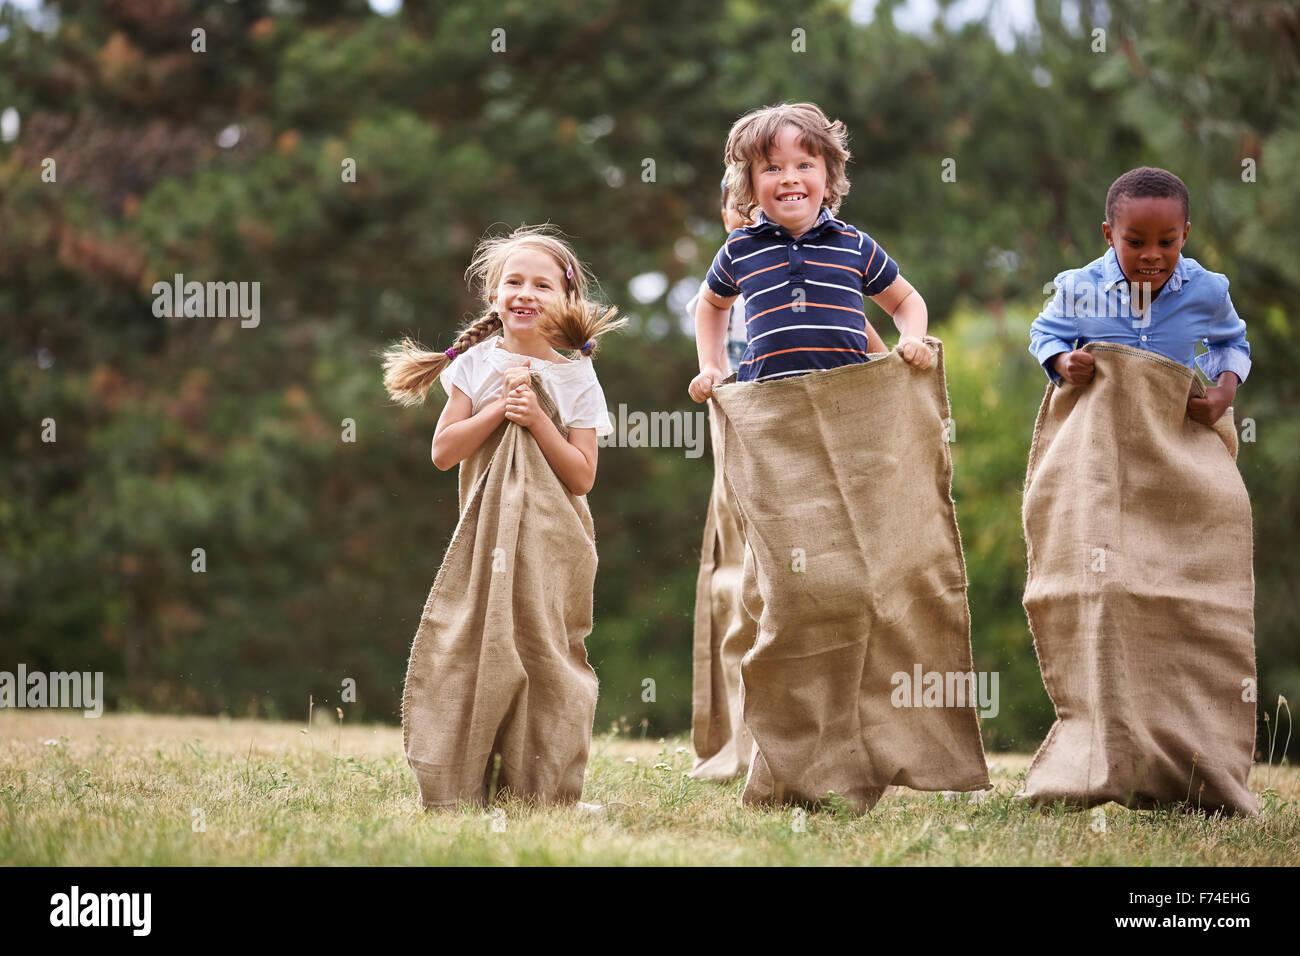 Los niños compiten en carrera de sacos y divertirse Imagen De Stock